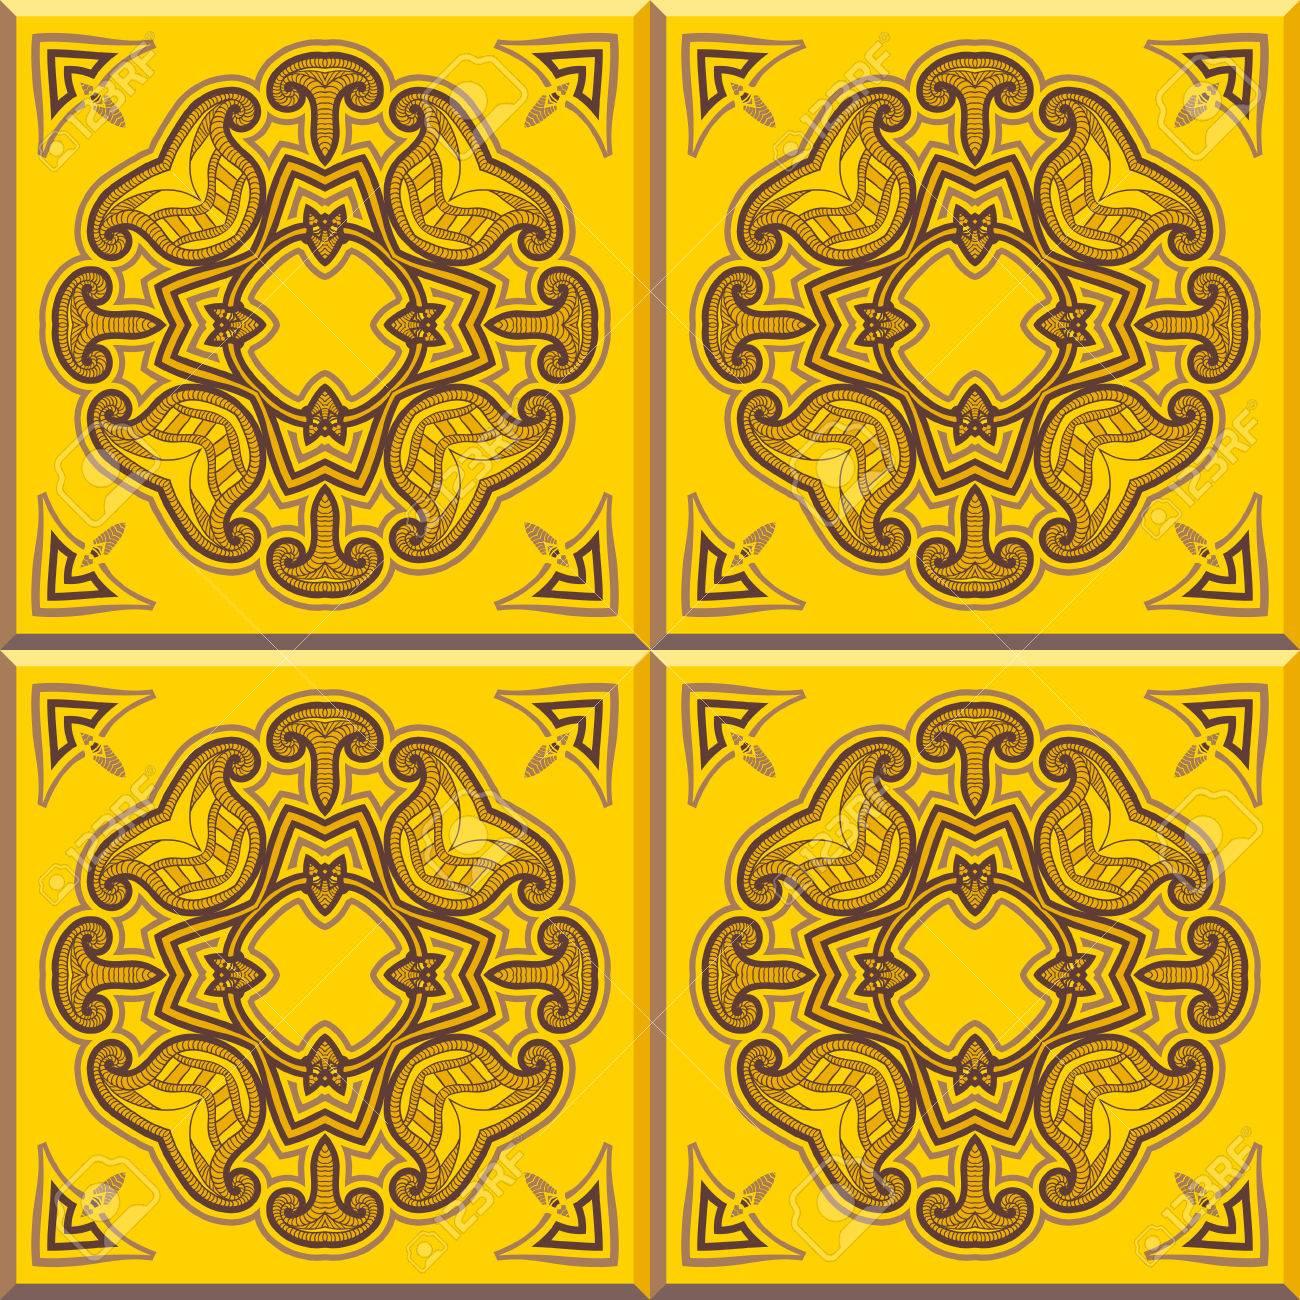 Set Von Vier Fliesen. Bodenfliesen   Nahtlose Vintage Muster Mit  Zementfliesen. Nahtlose Vektor Hintergrund. Vektor Illustration